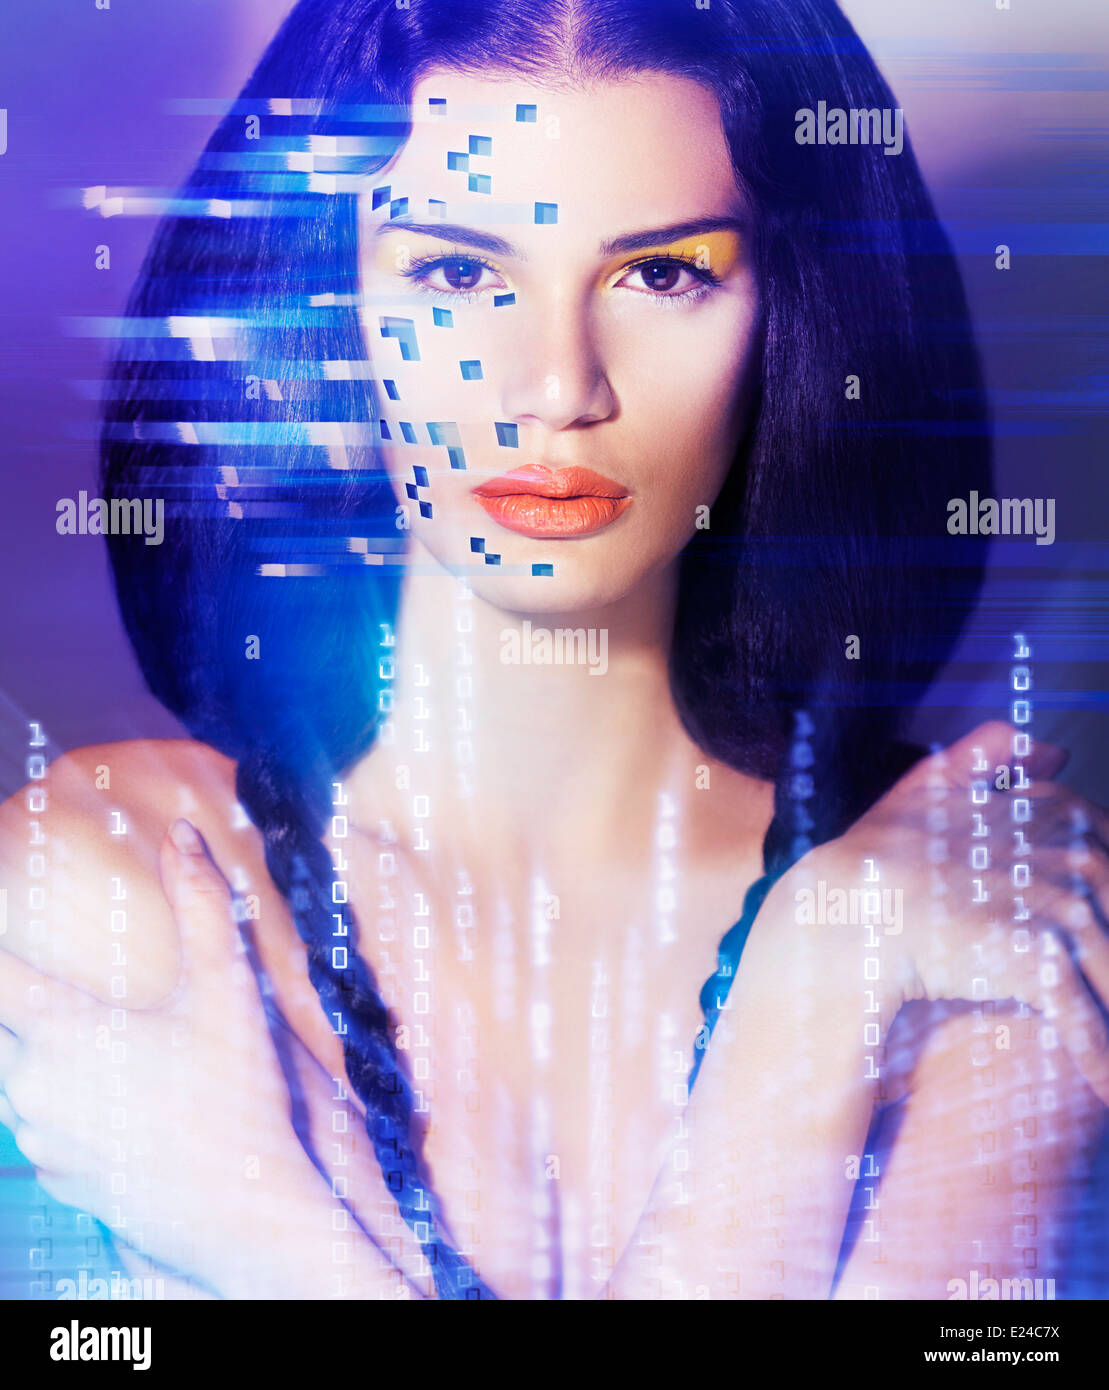 Portrait d'une jeune femme belle face au monde de la réalité virtuelle numérique. Concept artistique. Photo Stock